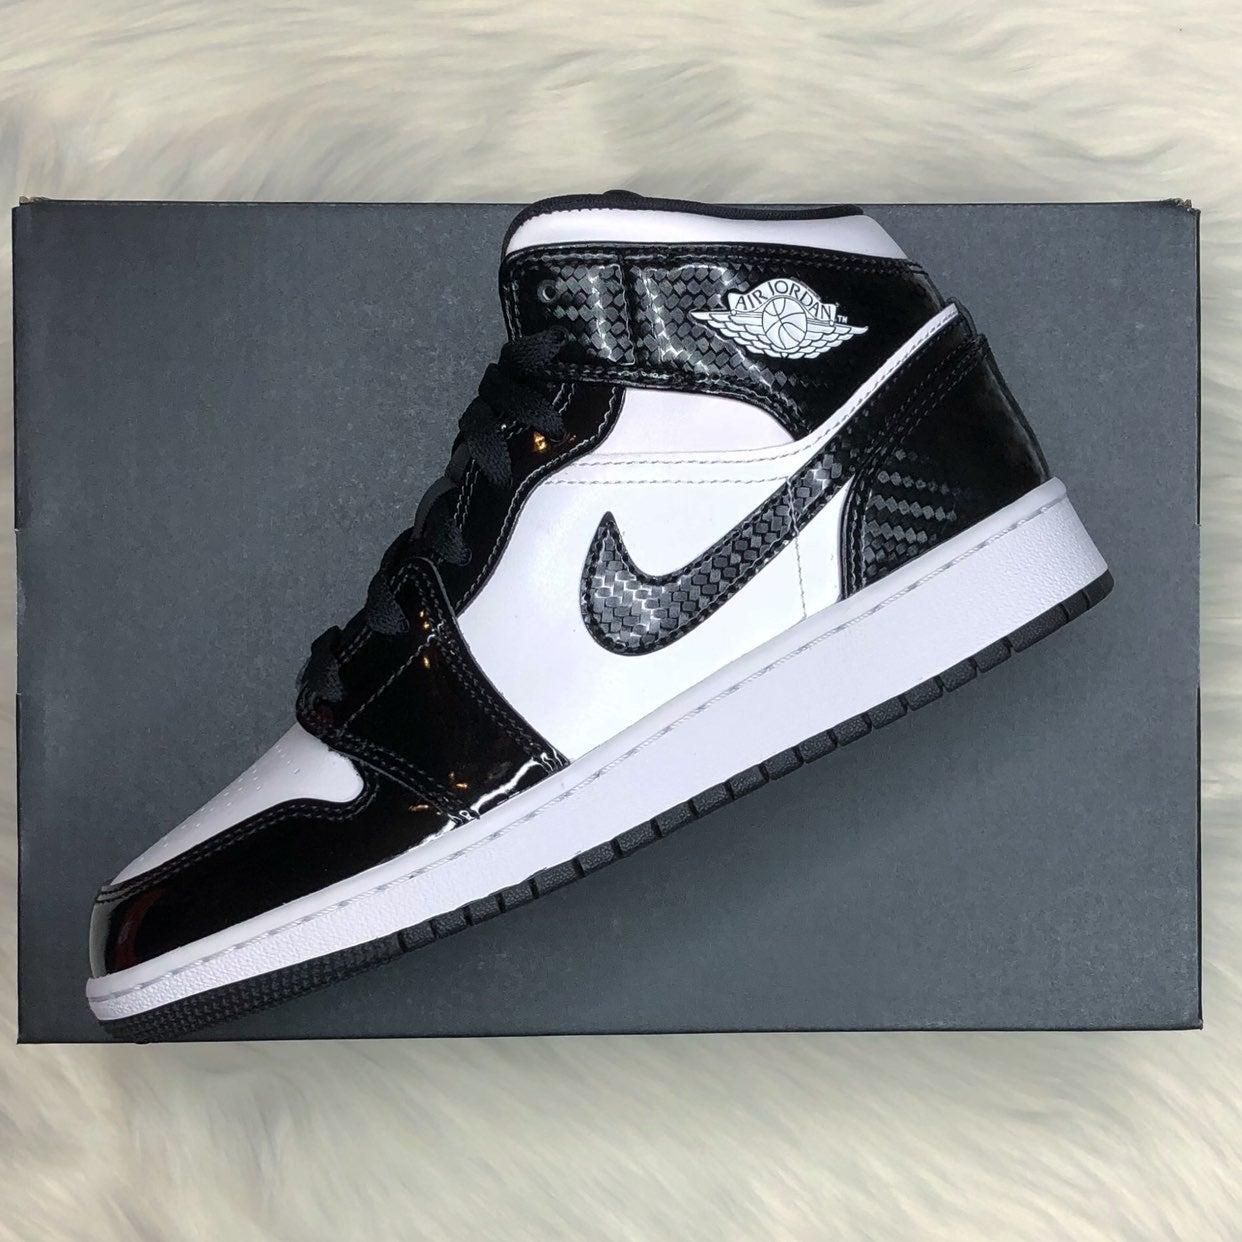 Nike Air Jordan 1 Mid asw